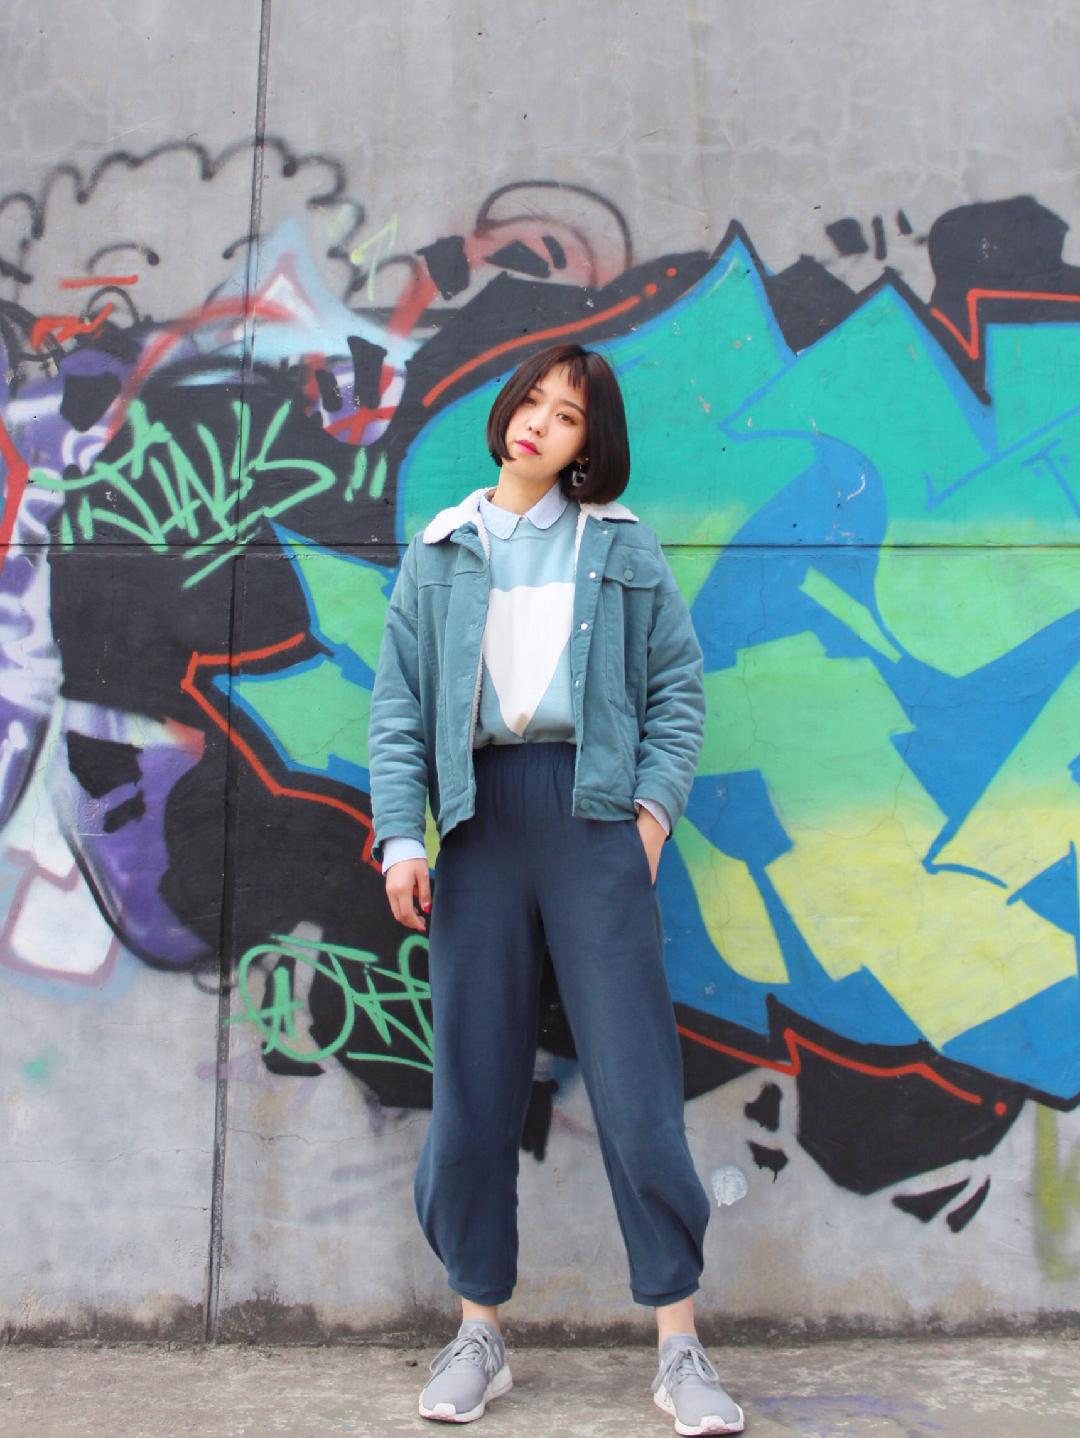 体重直降两位数的蓝色系穿搭指南 #这届棉服真的太好穿了!# 外套是蓝色灯芯绒棉袄,内搭是背心+衬衫的组合,下身搭配的藏蓝色萝卜裤实名安利,太遮肉太显瘦了!喜欢运动风可以和我一样搭配运动鞋,整体休闲舒适,显瘦100分!  蓝色棉袄:塔卡沙 💰456  裤子:优衣库 💰399  毛衣:欧时力 💰655  鞋子:阿迪达斯nmd 💰1499